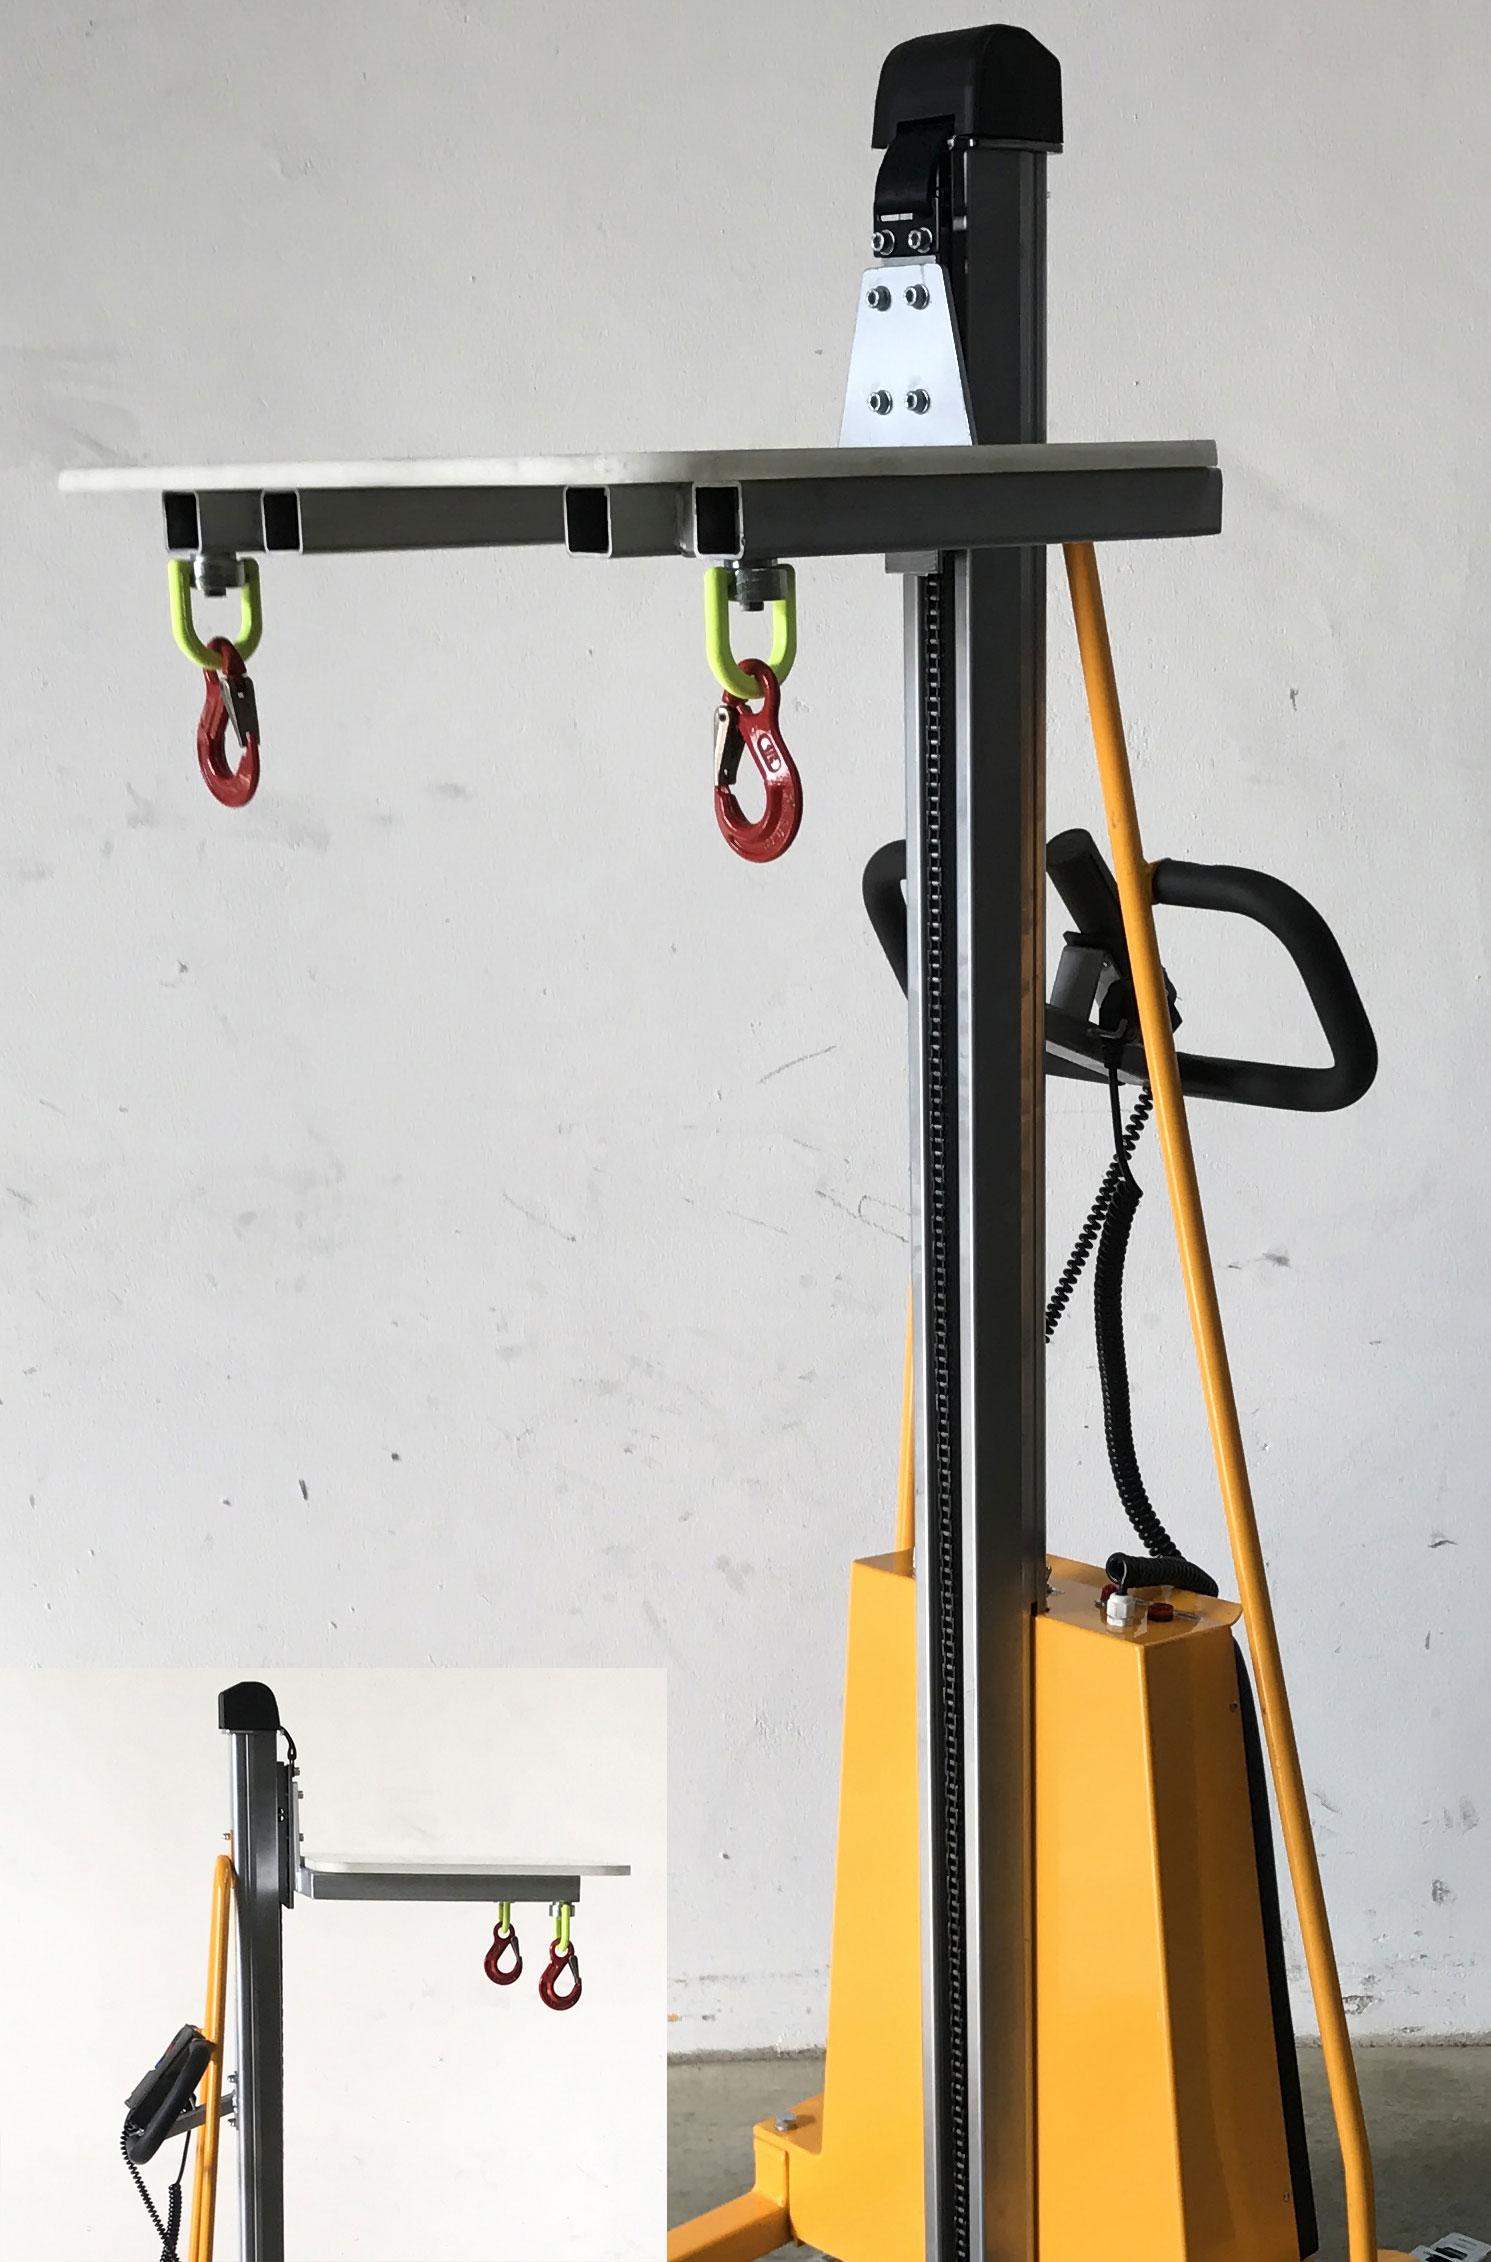 Minilifter (elektrisch) mit Lasthaken für Bienenbeuten und zusätzlicher Plattform #4816